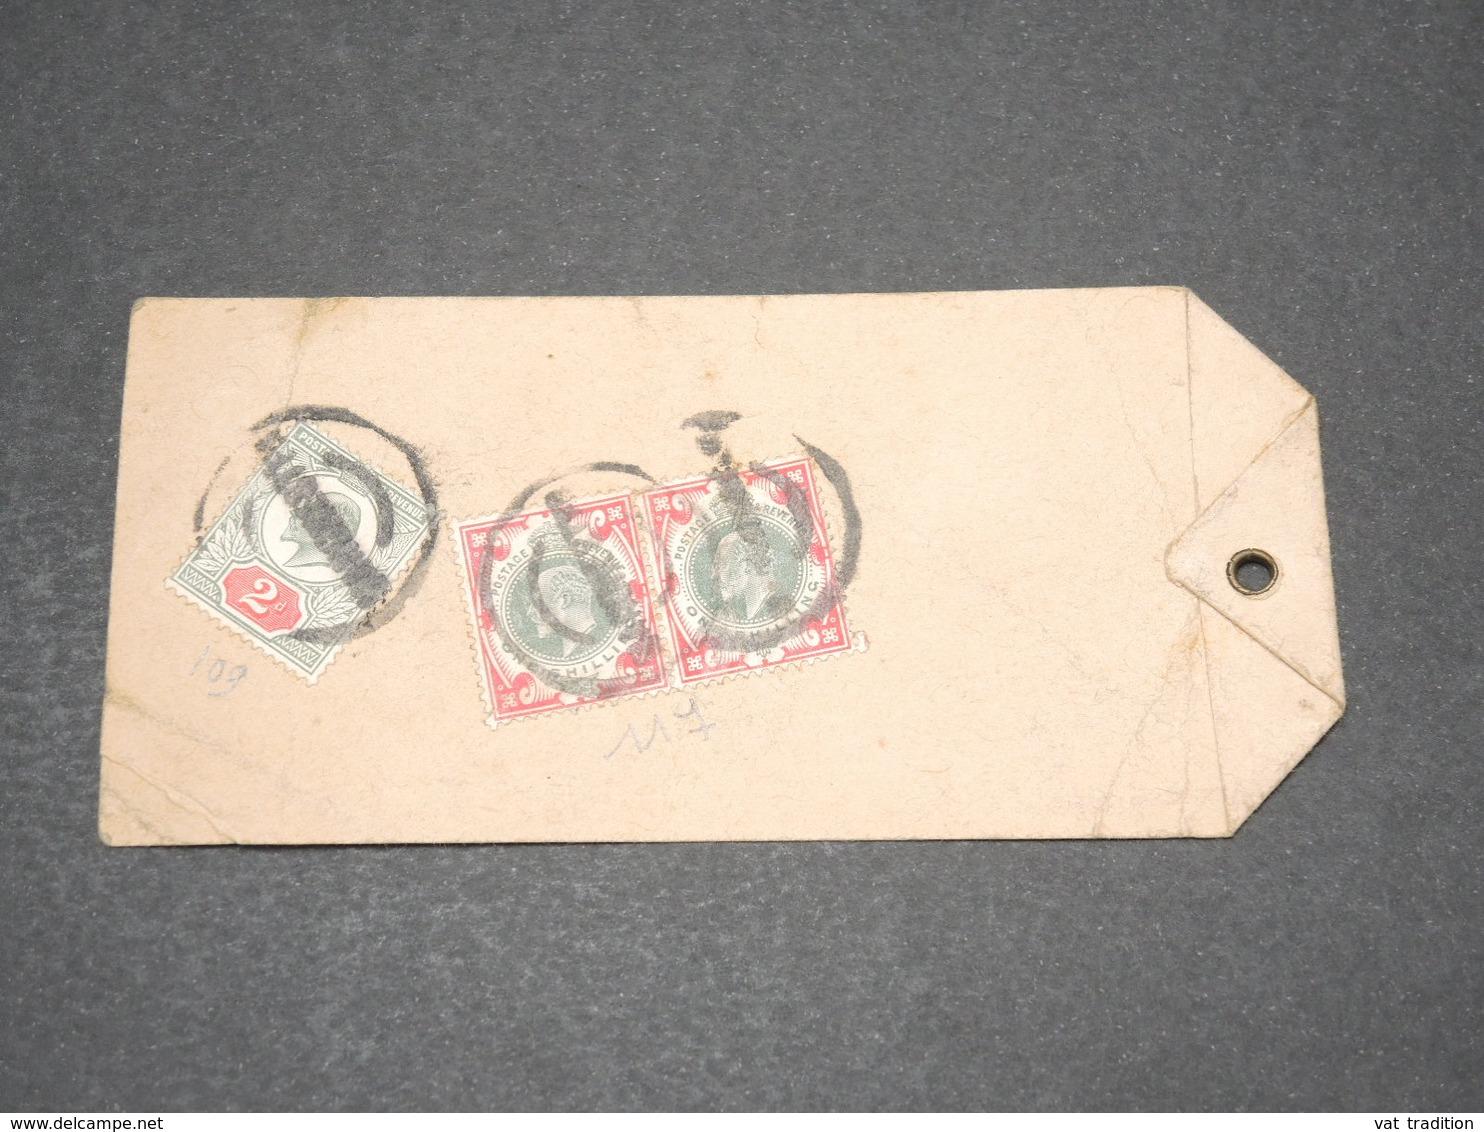 GRANDE BRETAGNE - Étiquette De Colis Pour La France , Affranchissement Intéressant - L 14527 - Postmark Collection